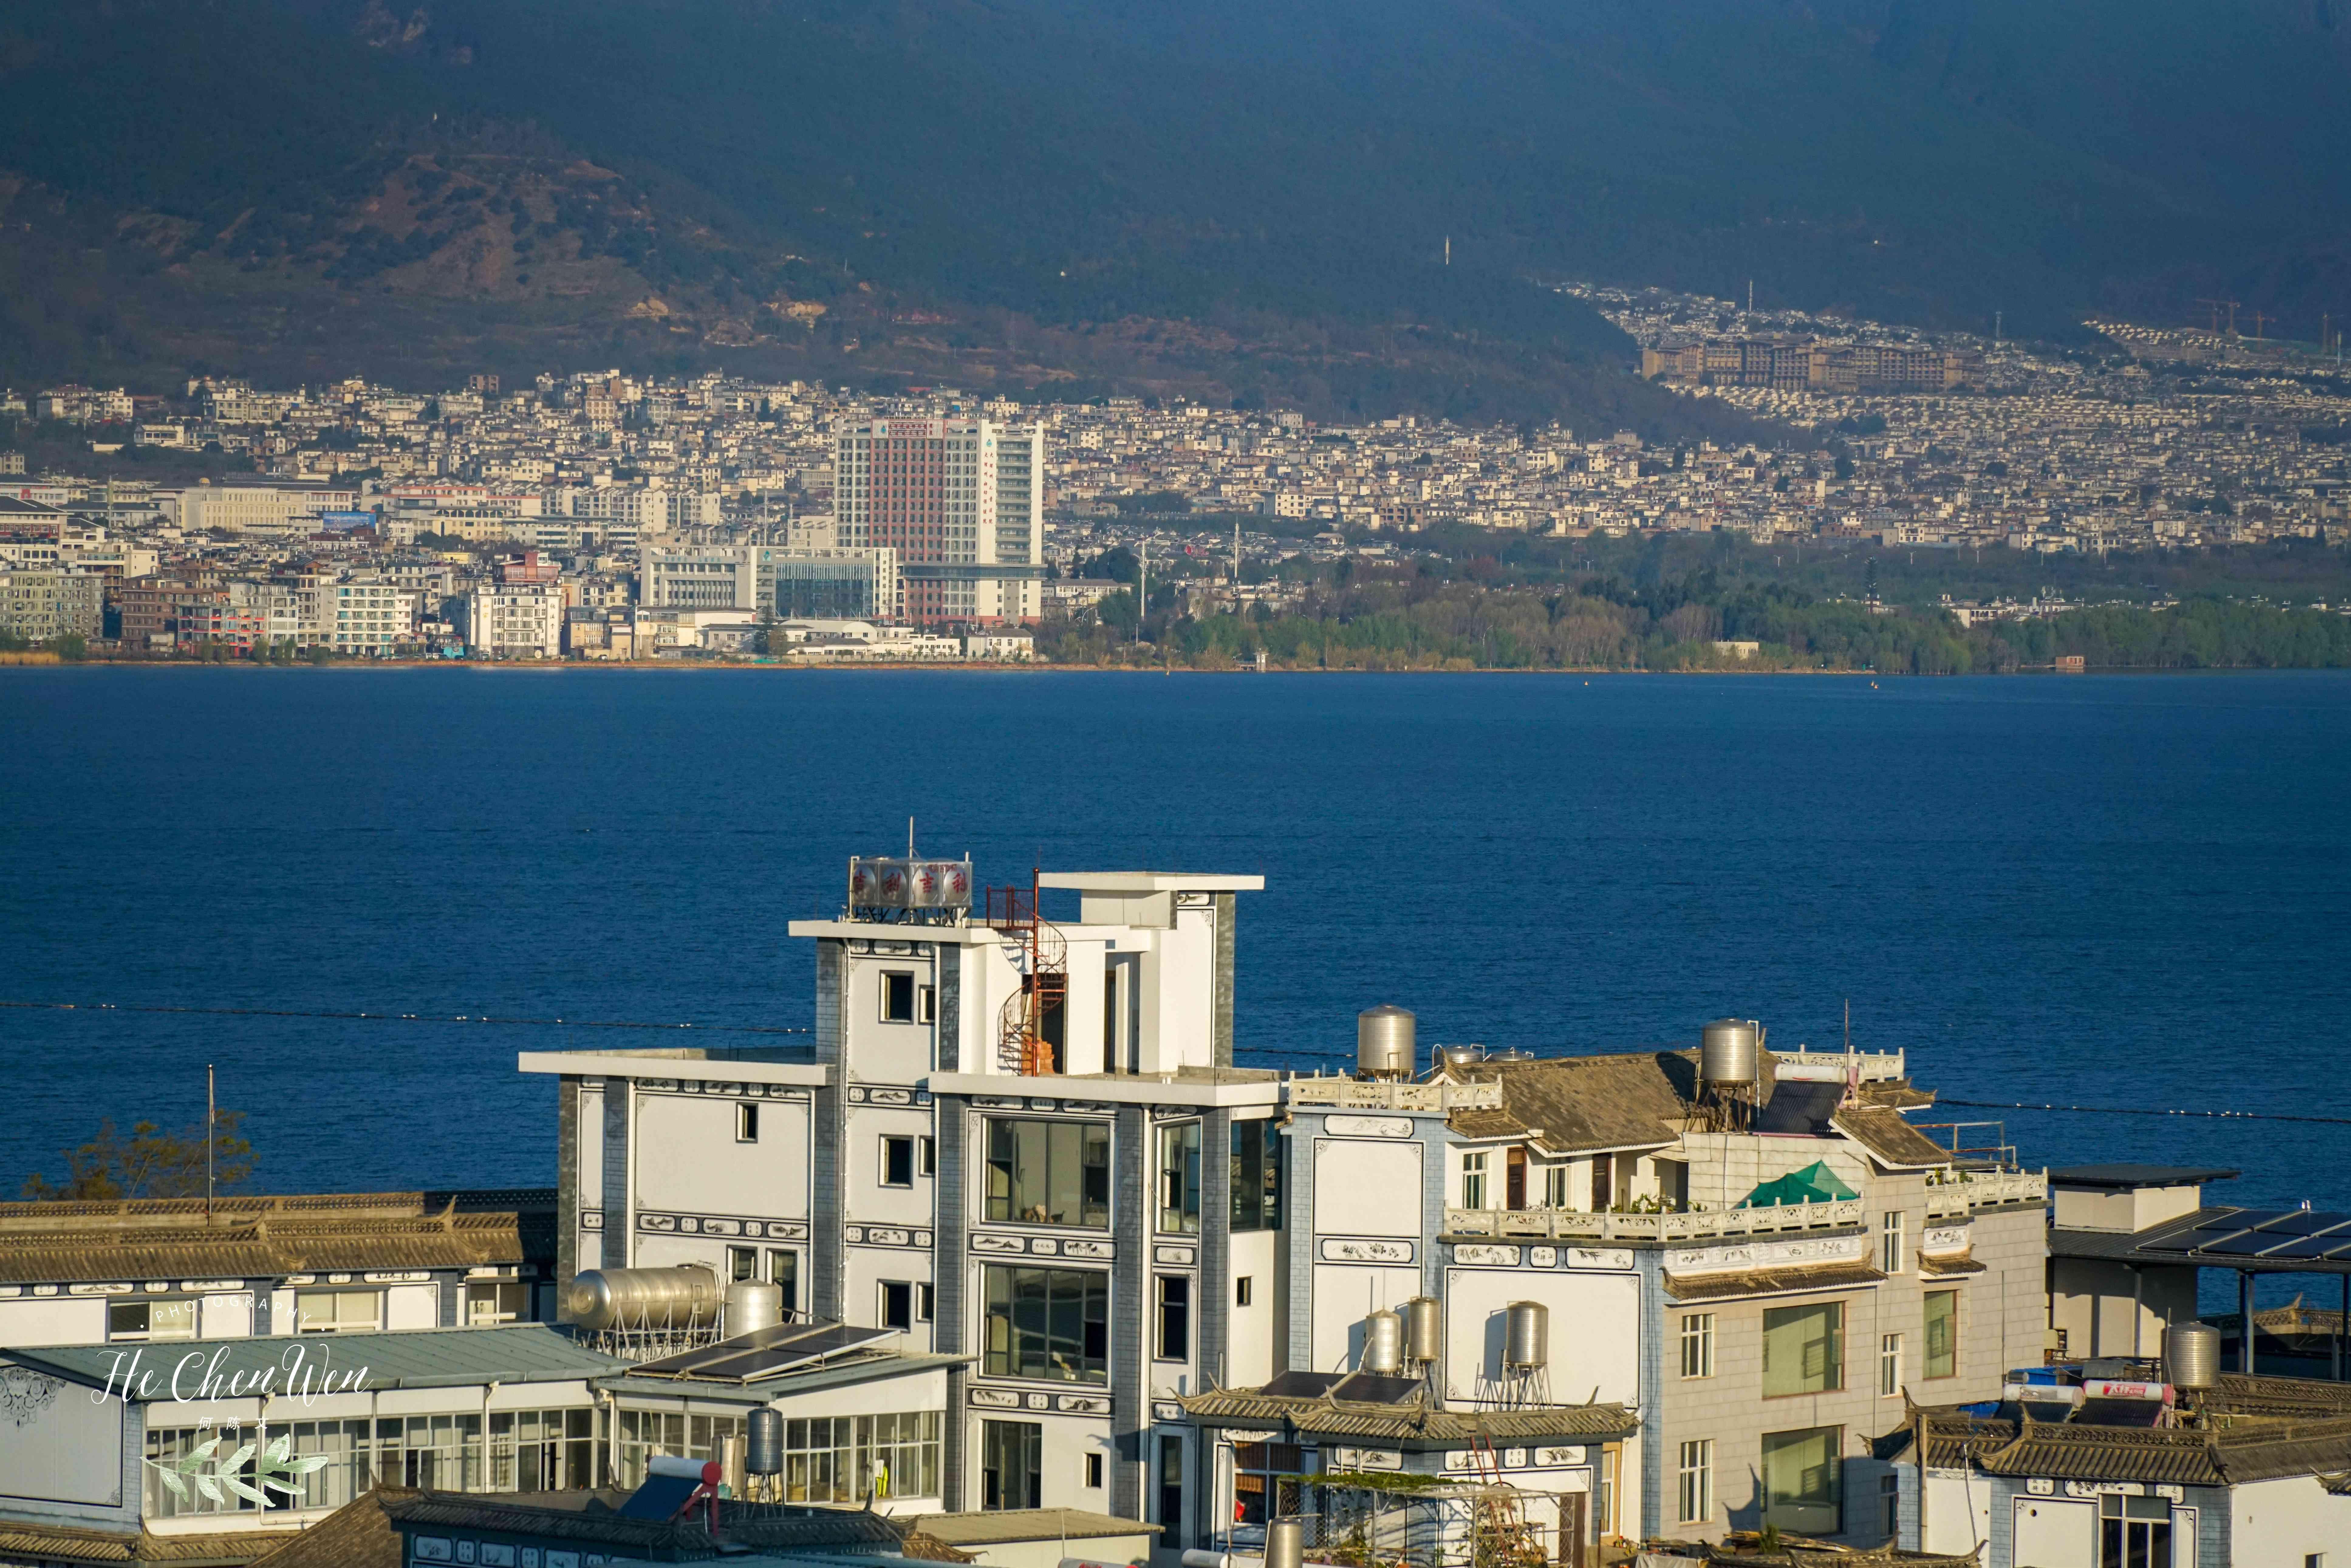 大理旅行,洱海边的度假酒店,眺望碧海蓝天